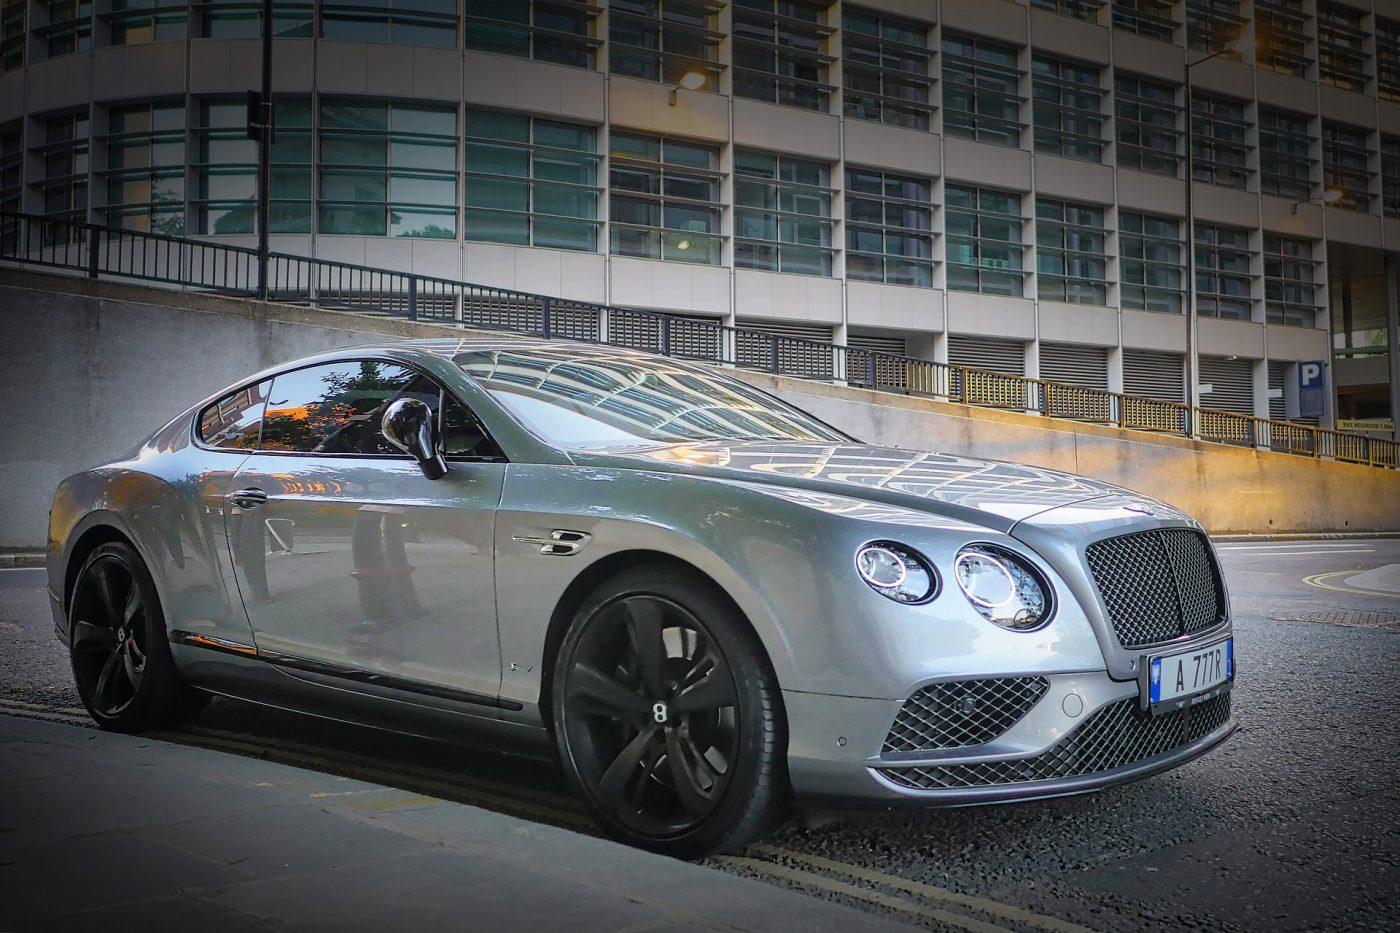 Bentley-ul de 155 de mii de euro, făcut cadou de un director soției, a scos din minți fotbaliștii unei echipe de tradiție din Anglia!